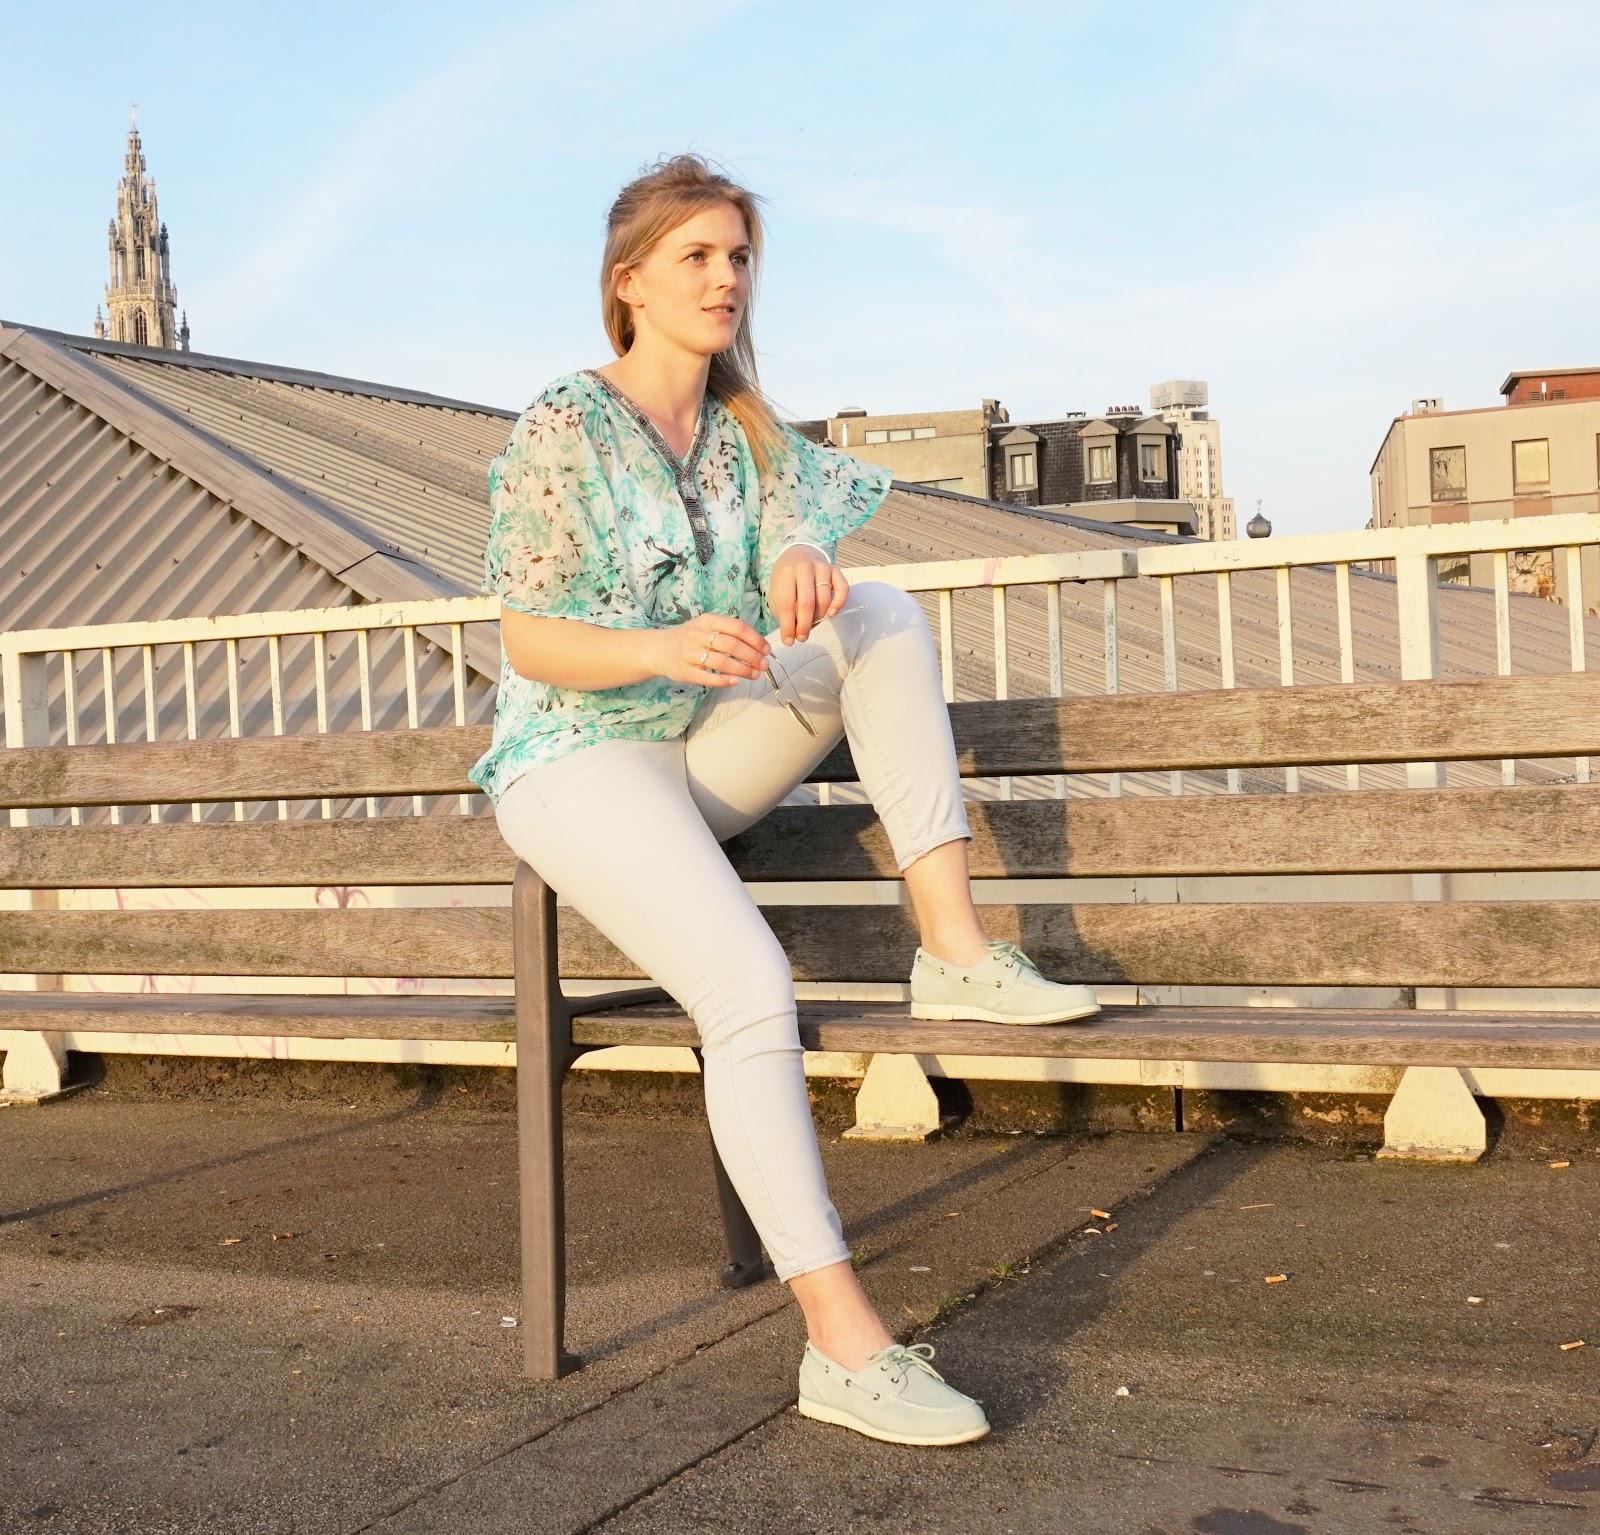 DSC06800 | Eline Van Dingenen